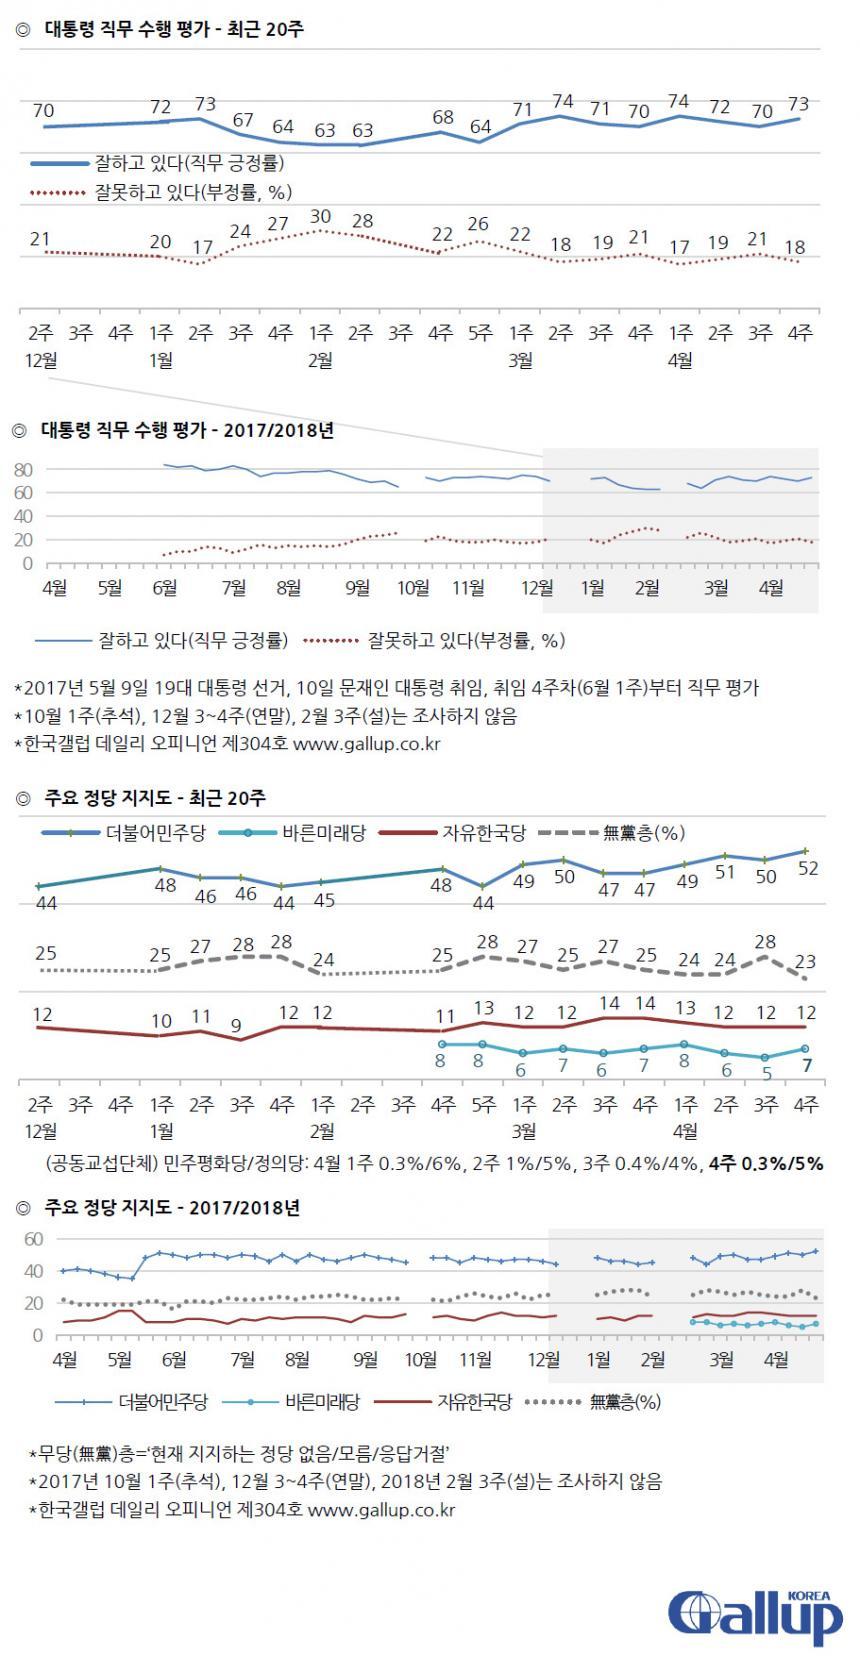 문재인 대통령 국정운영 지지율 및 정당지지도 / 한국갤럽